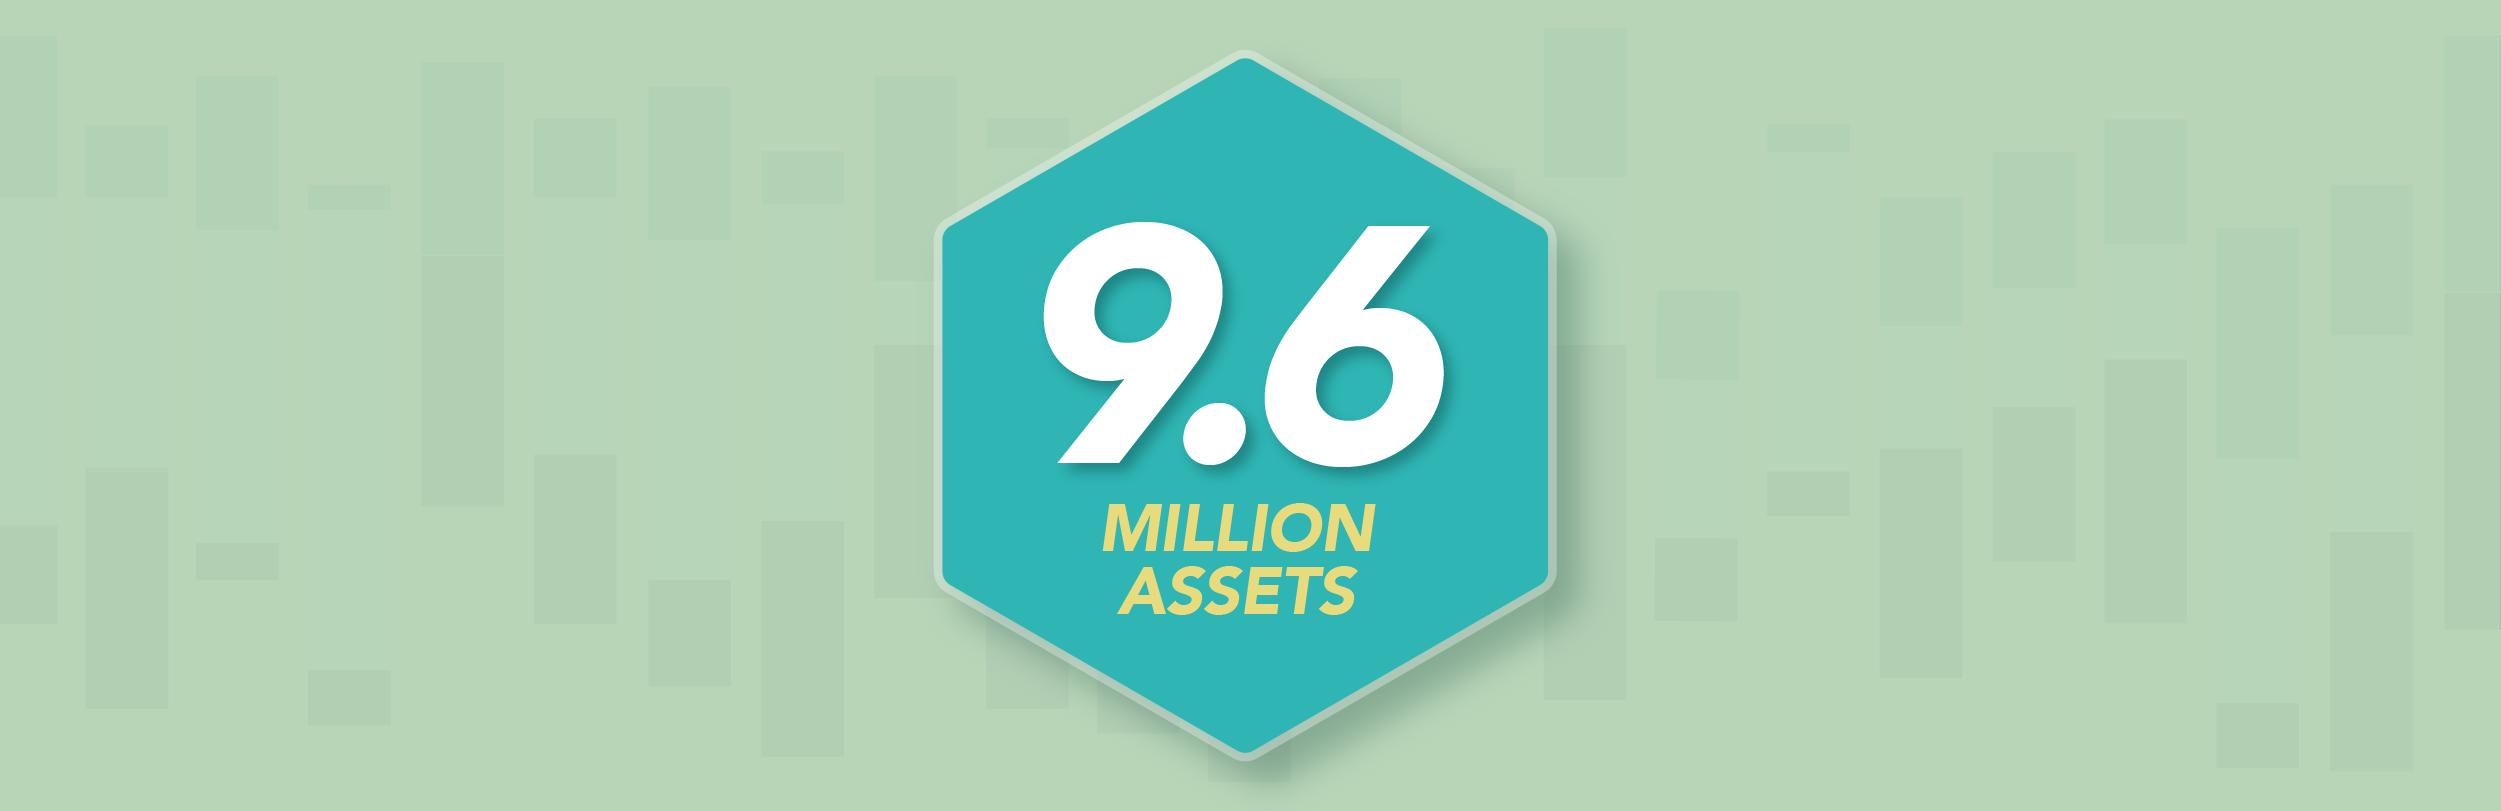 9.6 million assets